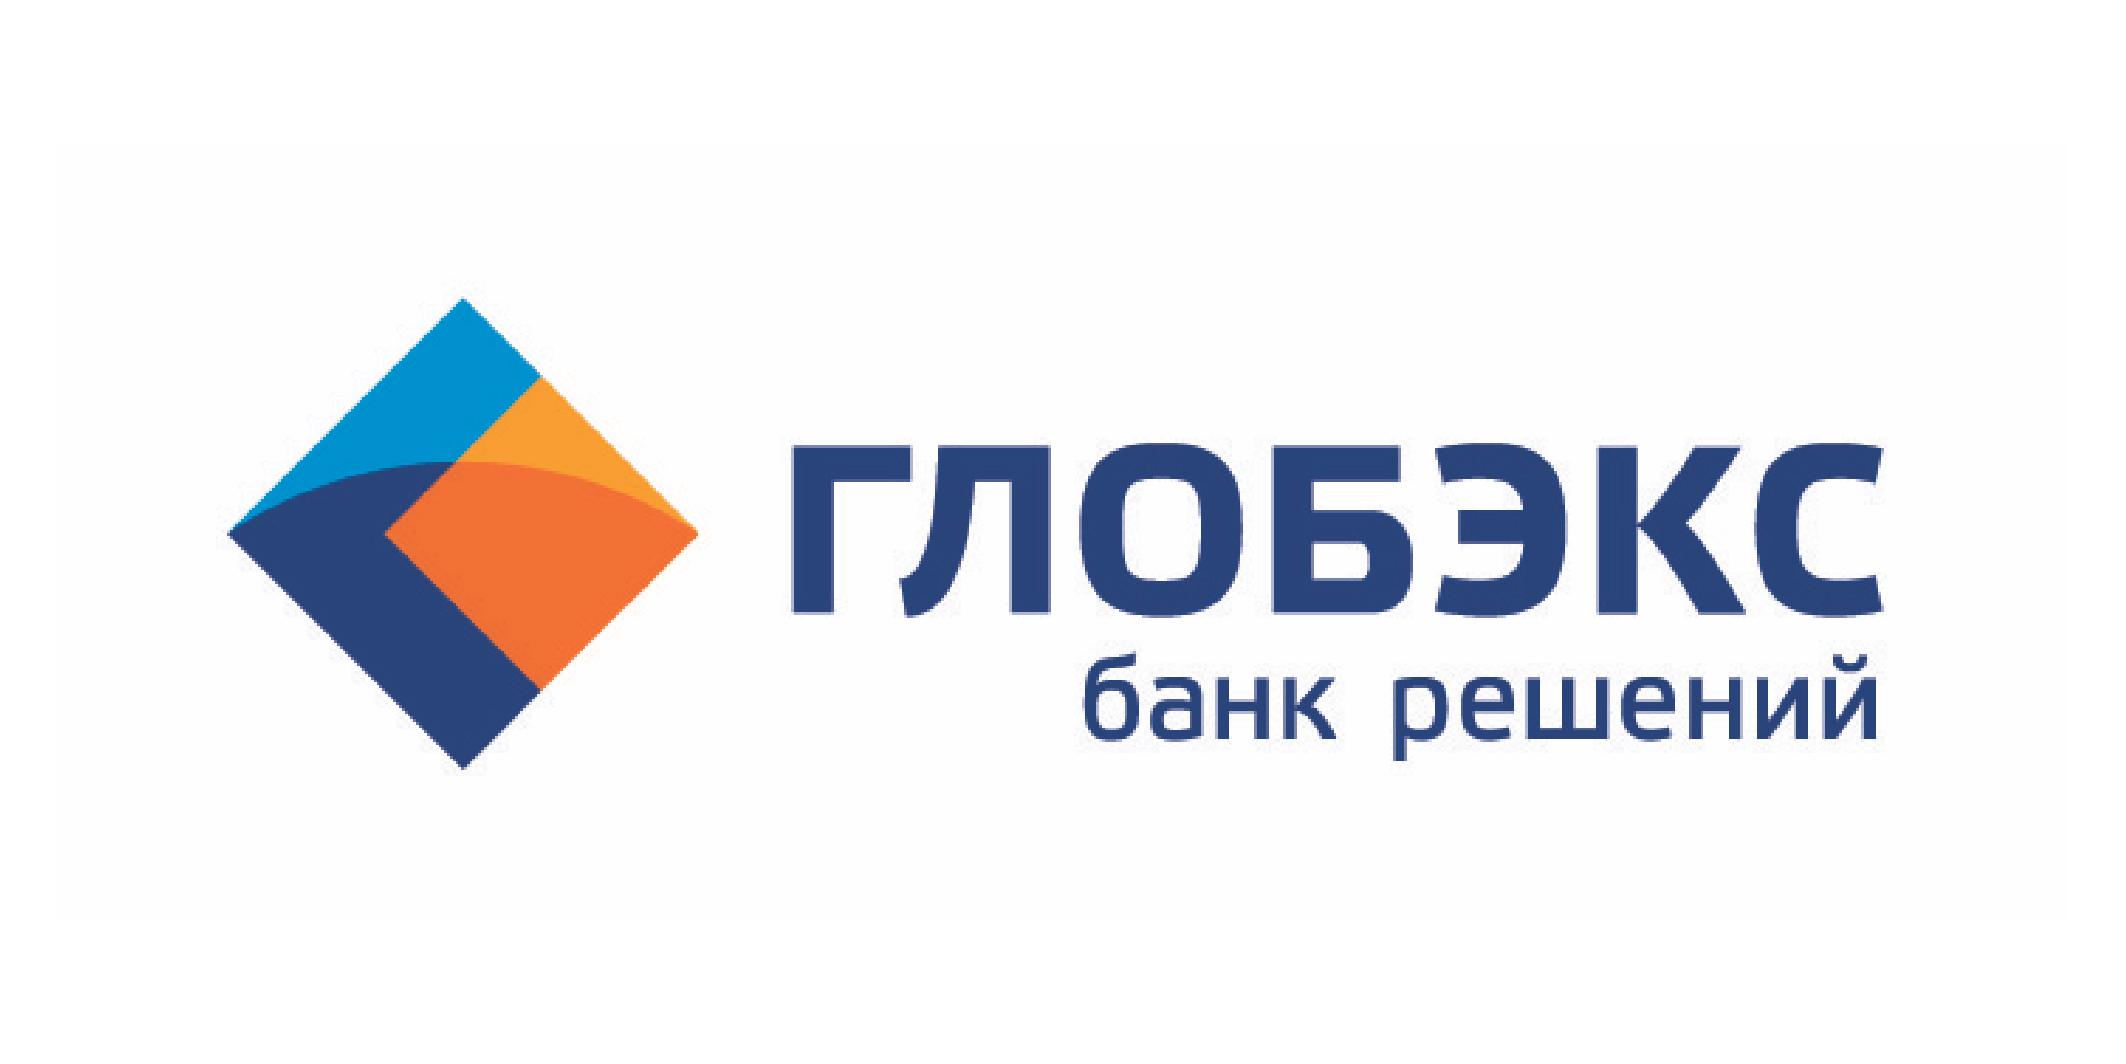 Официальный партнер Глобэкс Банк